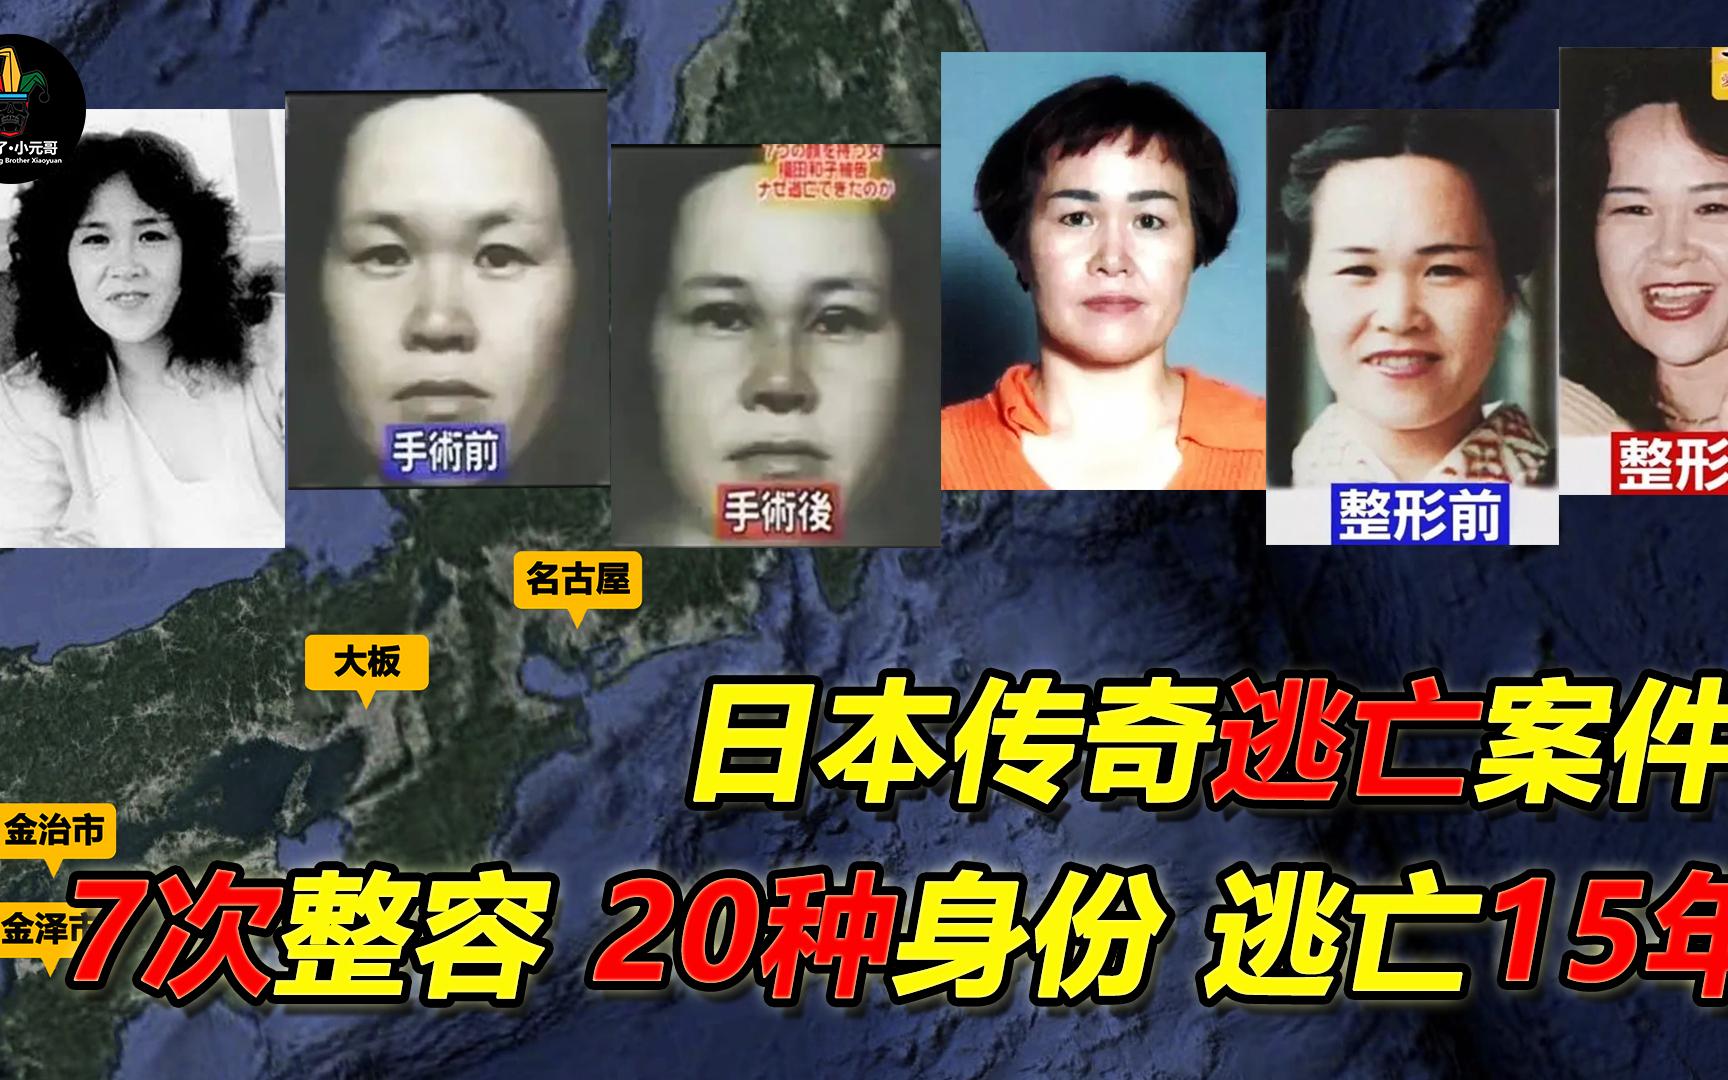 传奇逃亡故事,7次整容20种身份逃亡15年,案件失效前21天被捕